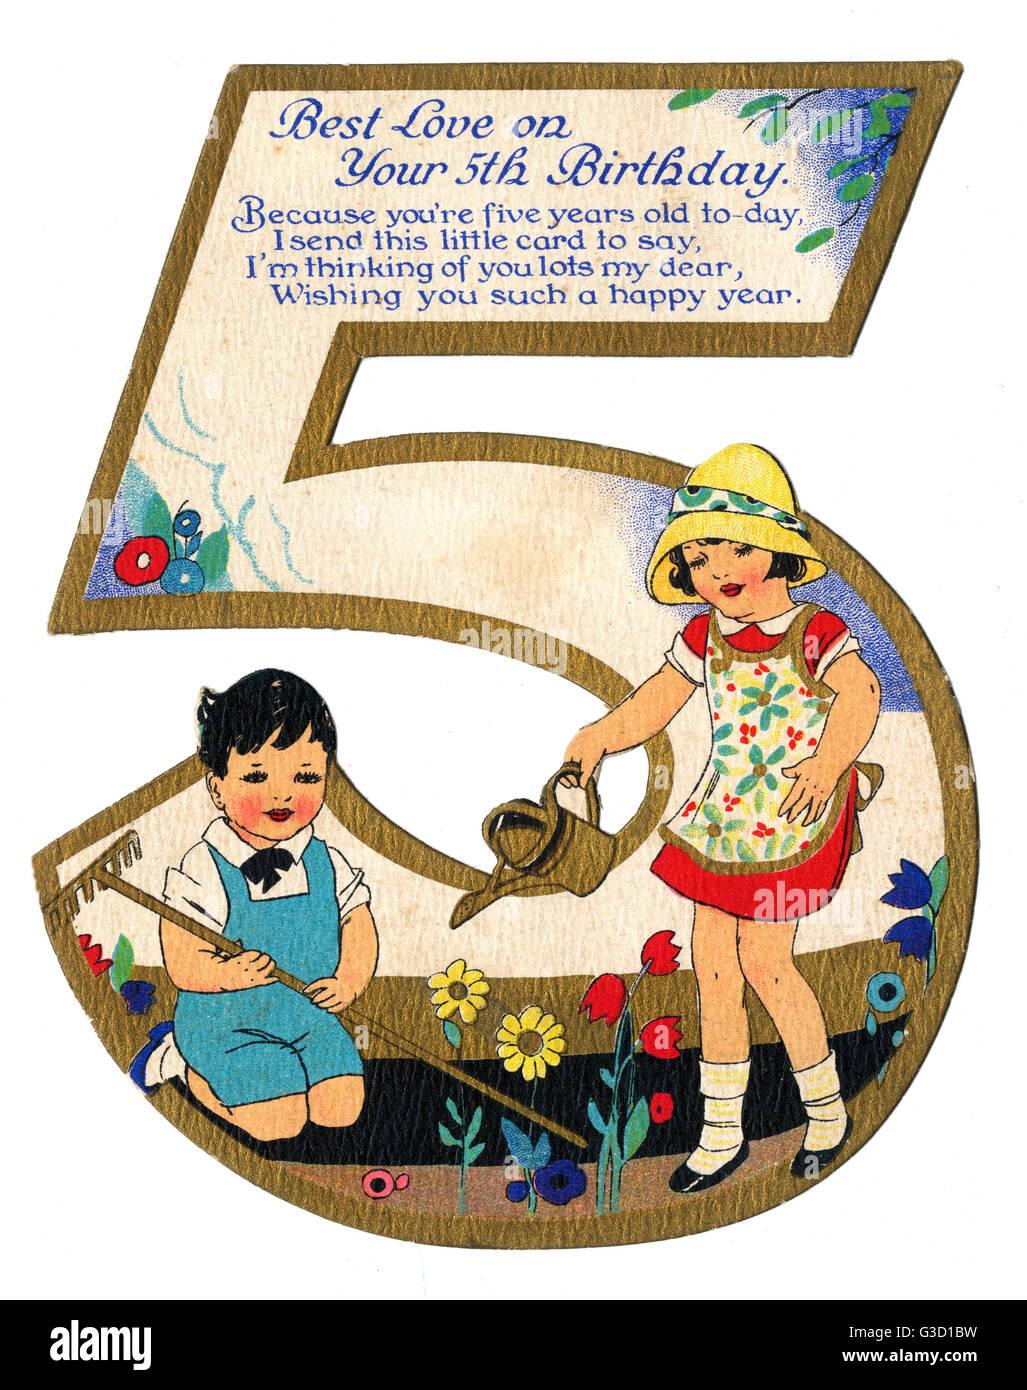 eine sch ne geburtstagskarte f r eine 5 geburtstag zwei 5 year olds ein ort der gartenarbeit. Black Bedroom Furniture Sets. Home Design Ideas